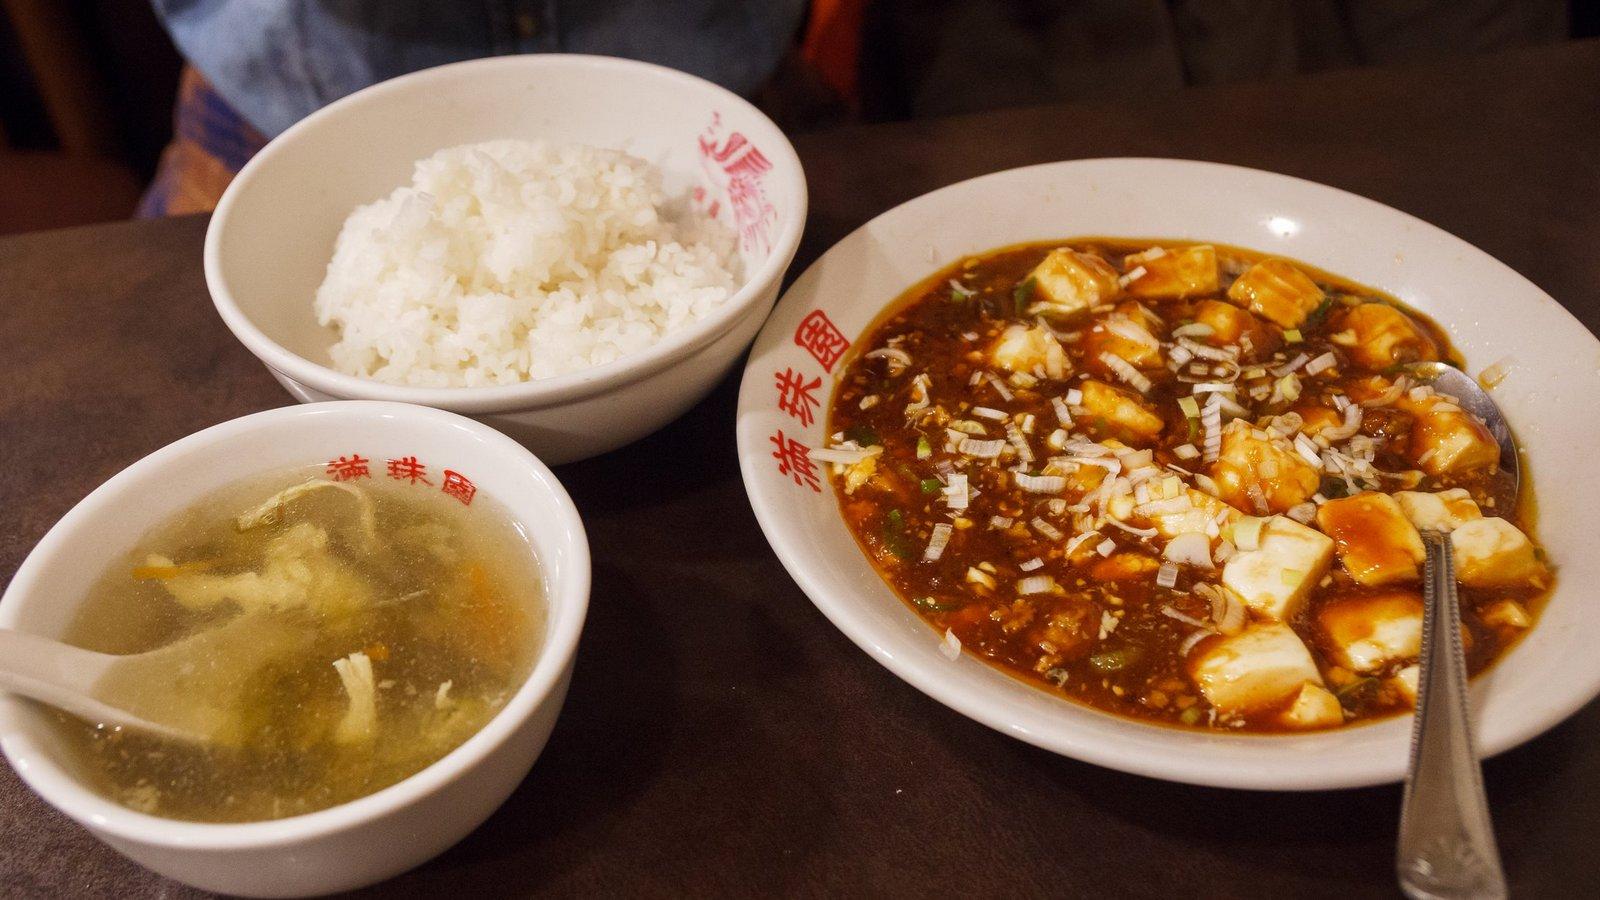 【橫濱美食】中華街 保昌 中國料理 》日本藝人、大胃女王推薦名店